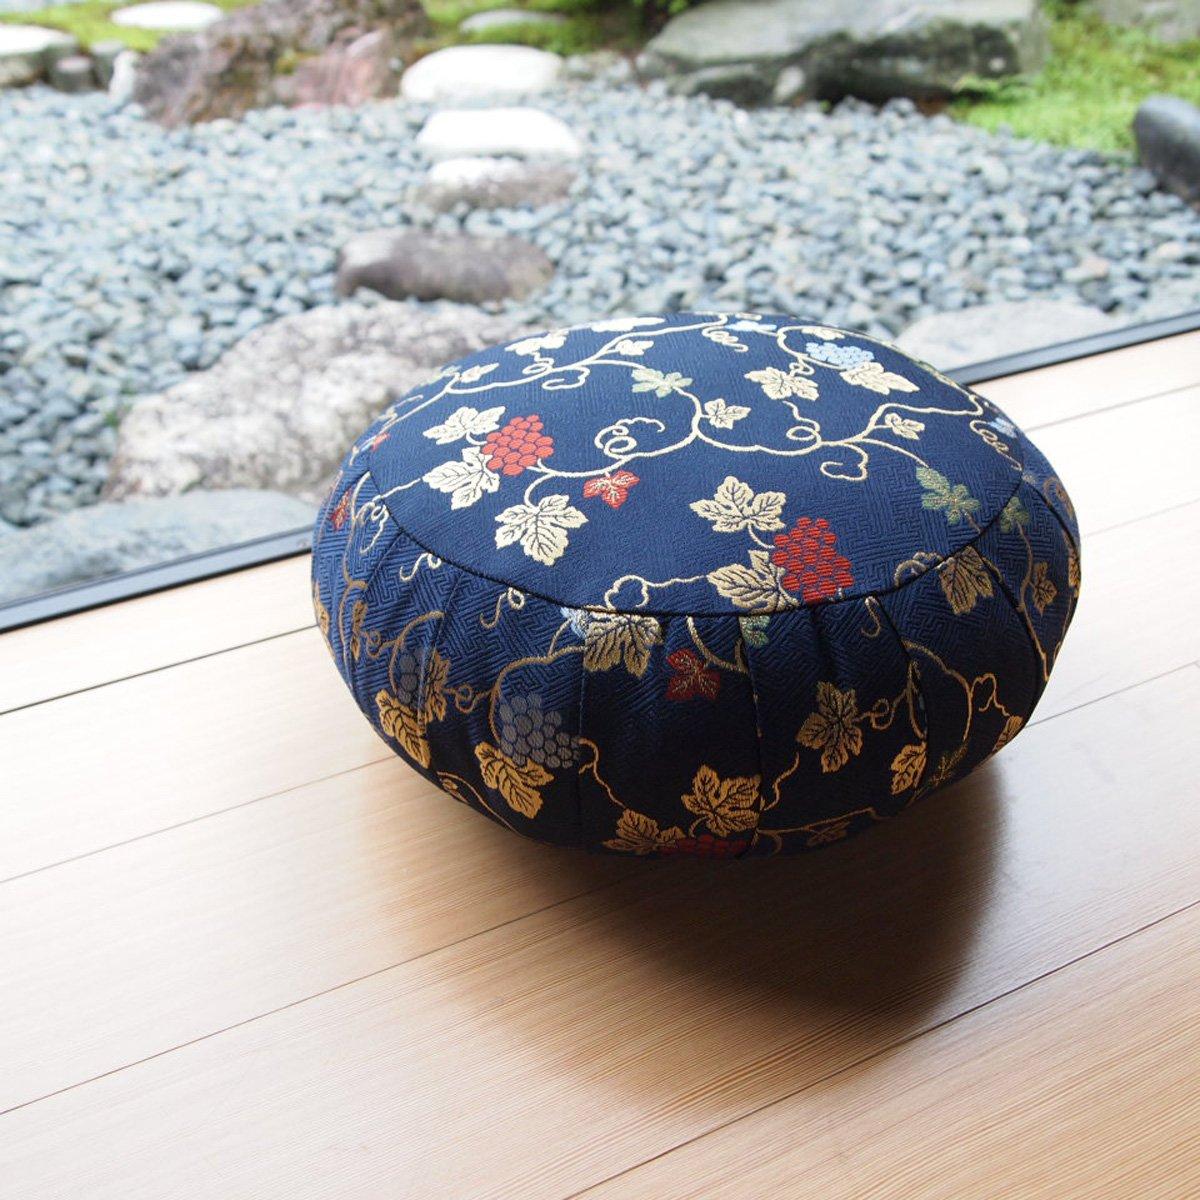 ヨガ座布団 yoga クッション(瞑想)座布座蒲座蒲座禅専用 座禅座布団 日本製 (33cm, 葡萄 紺) B074ZZM4T1 33cm|葡萄 紺 葡萄 紺 33cm